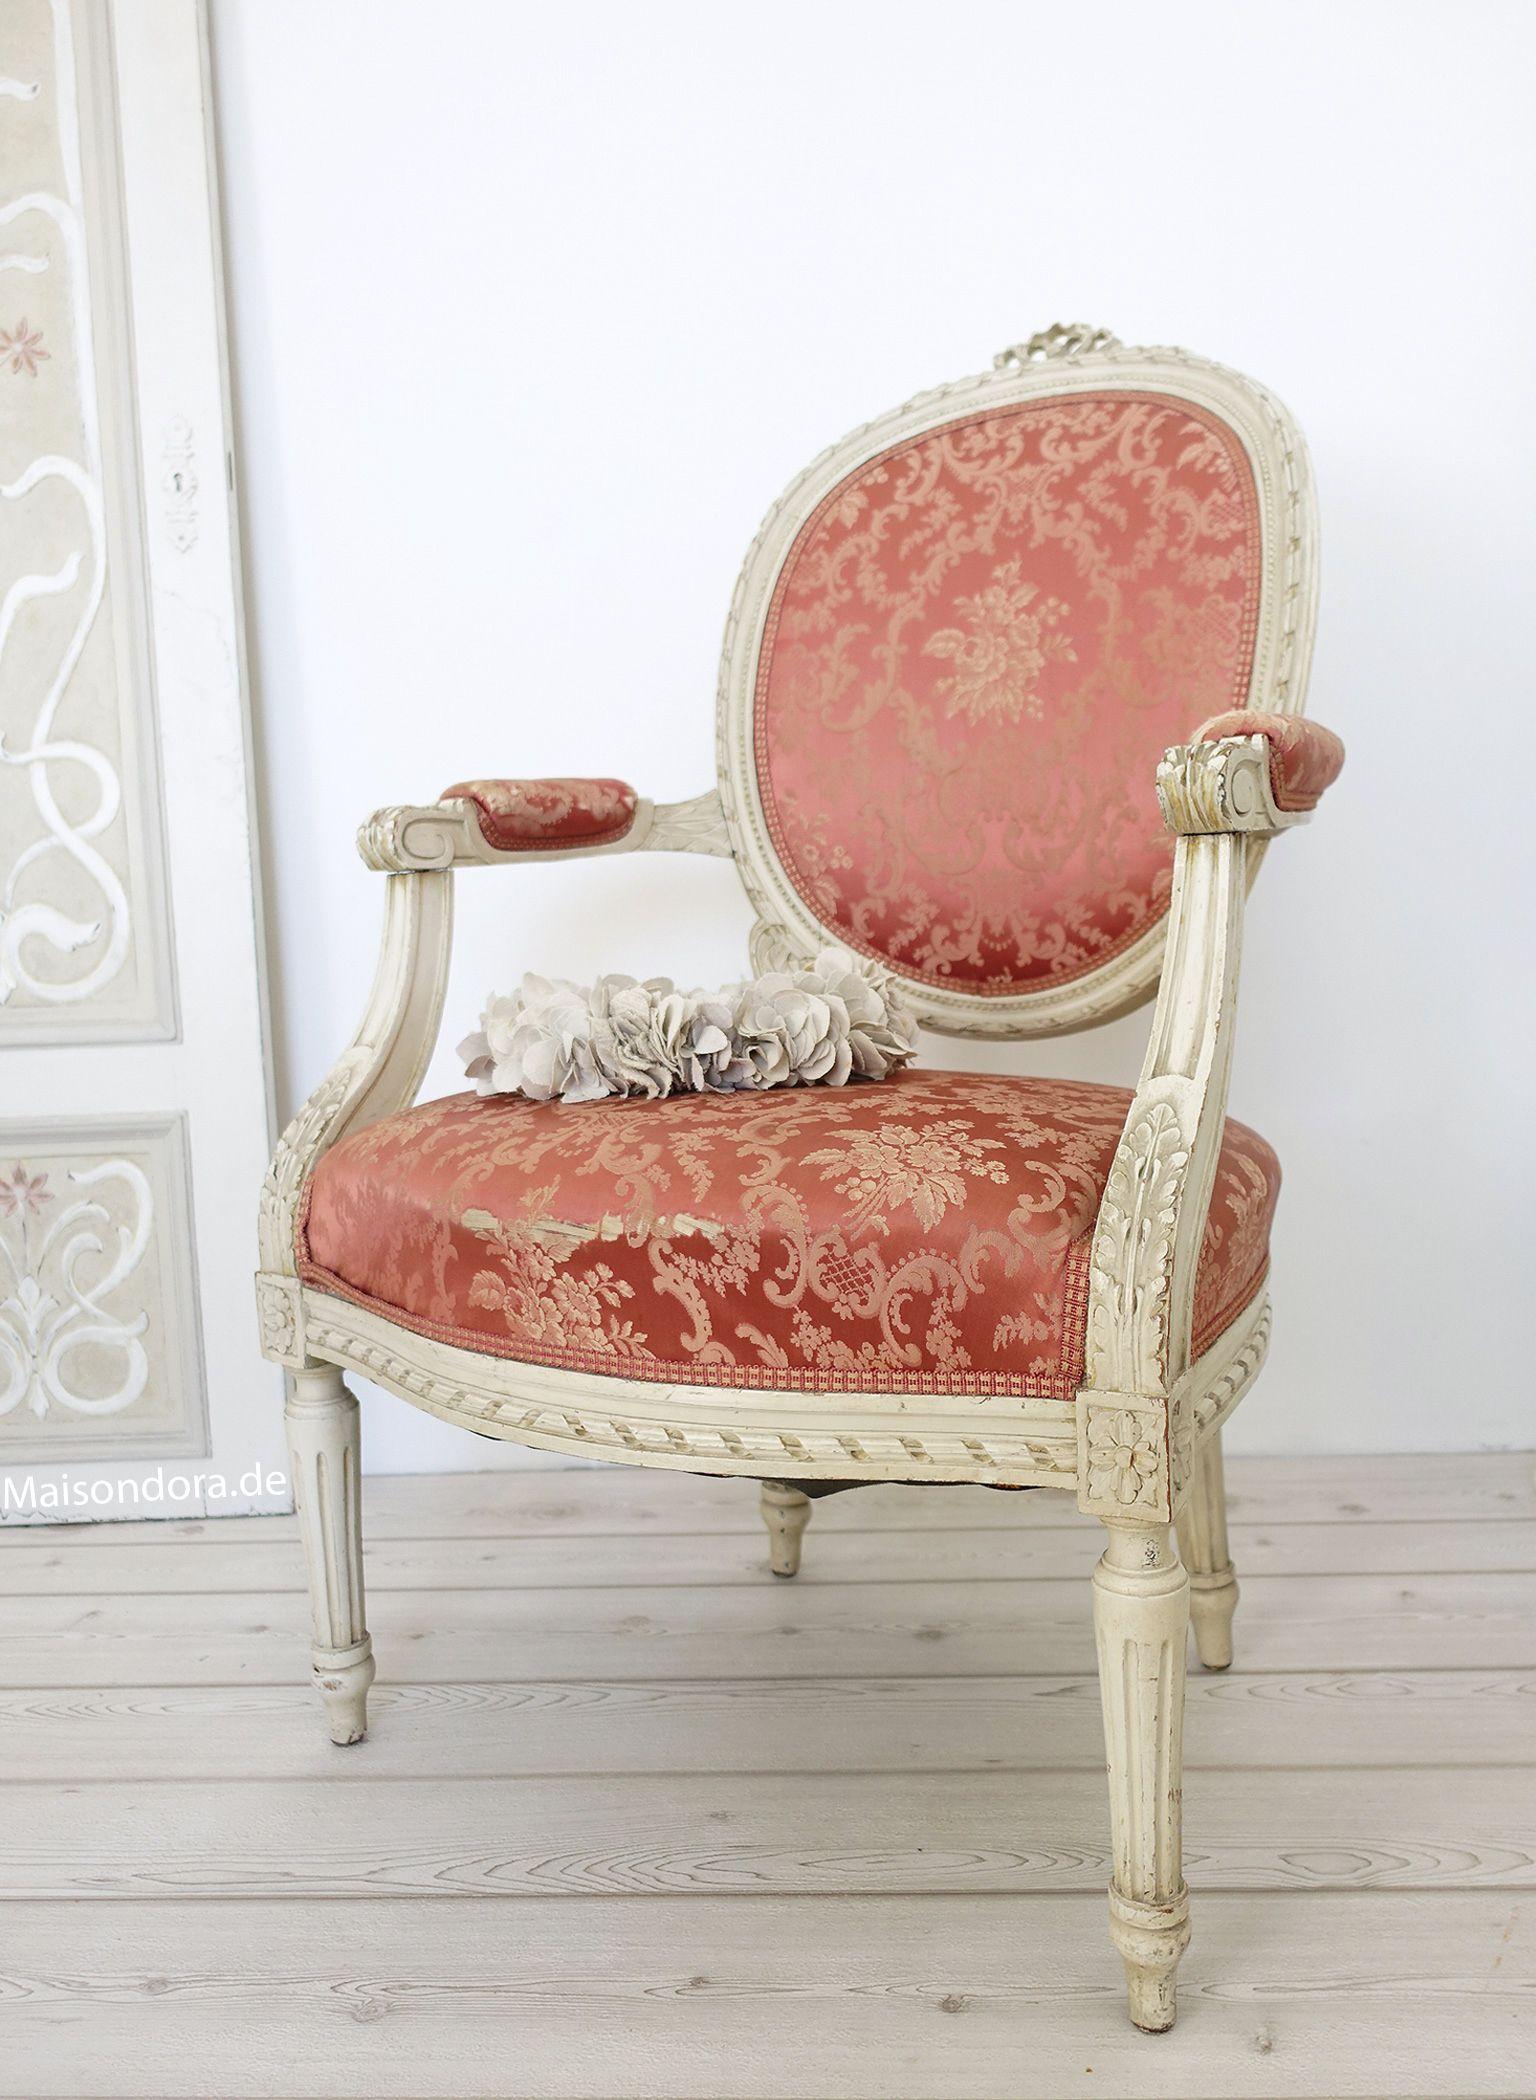 Antique medallion chair Louis Seize | Antique Furniture ...